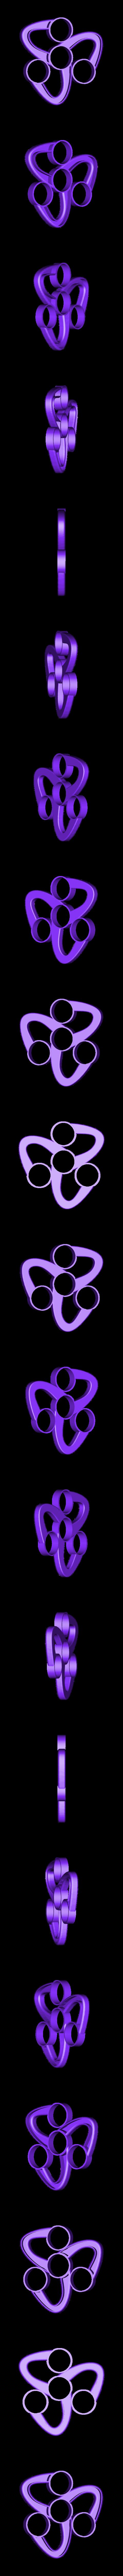 Spinner_13.stl Télécharger fichier STL gratuit Spinner Collection • Plan à imprimer en 3D, squiqui